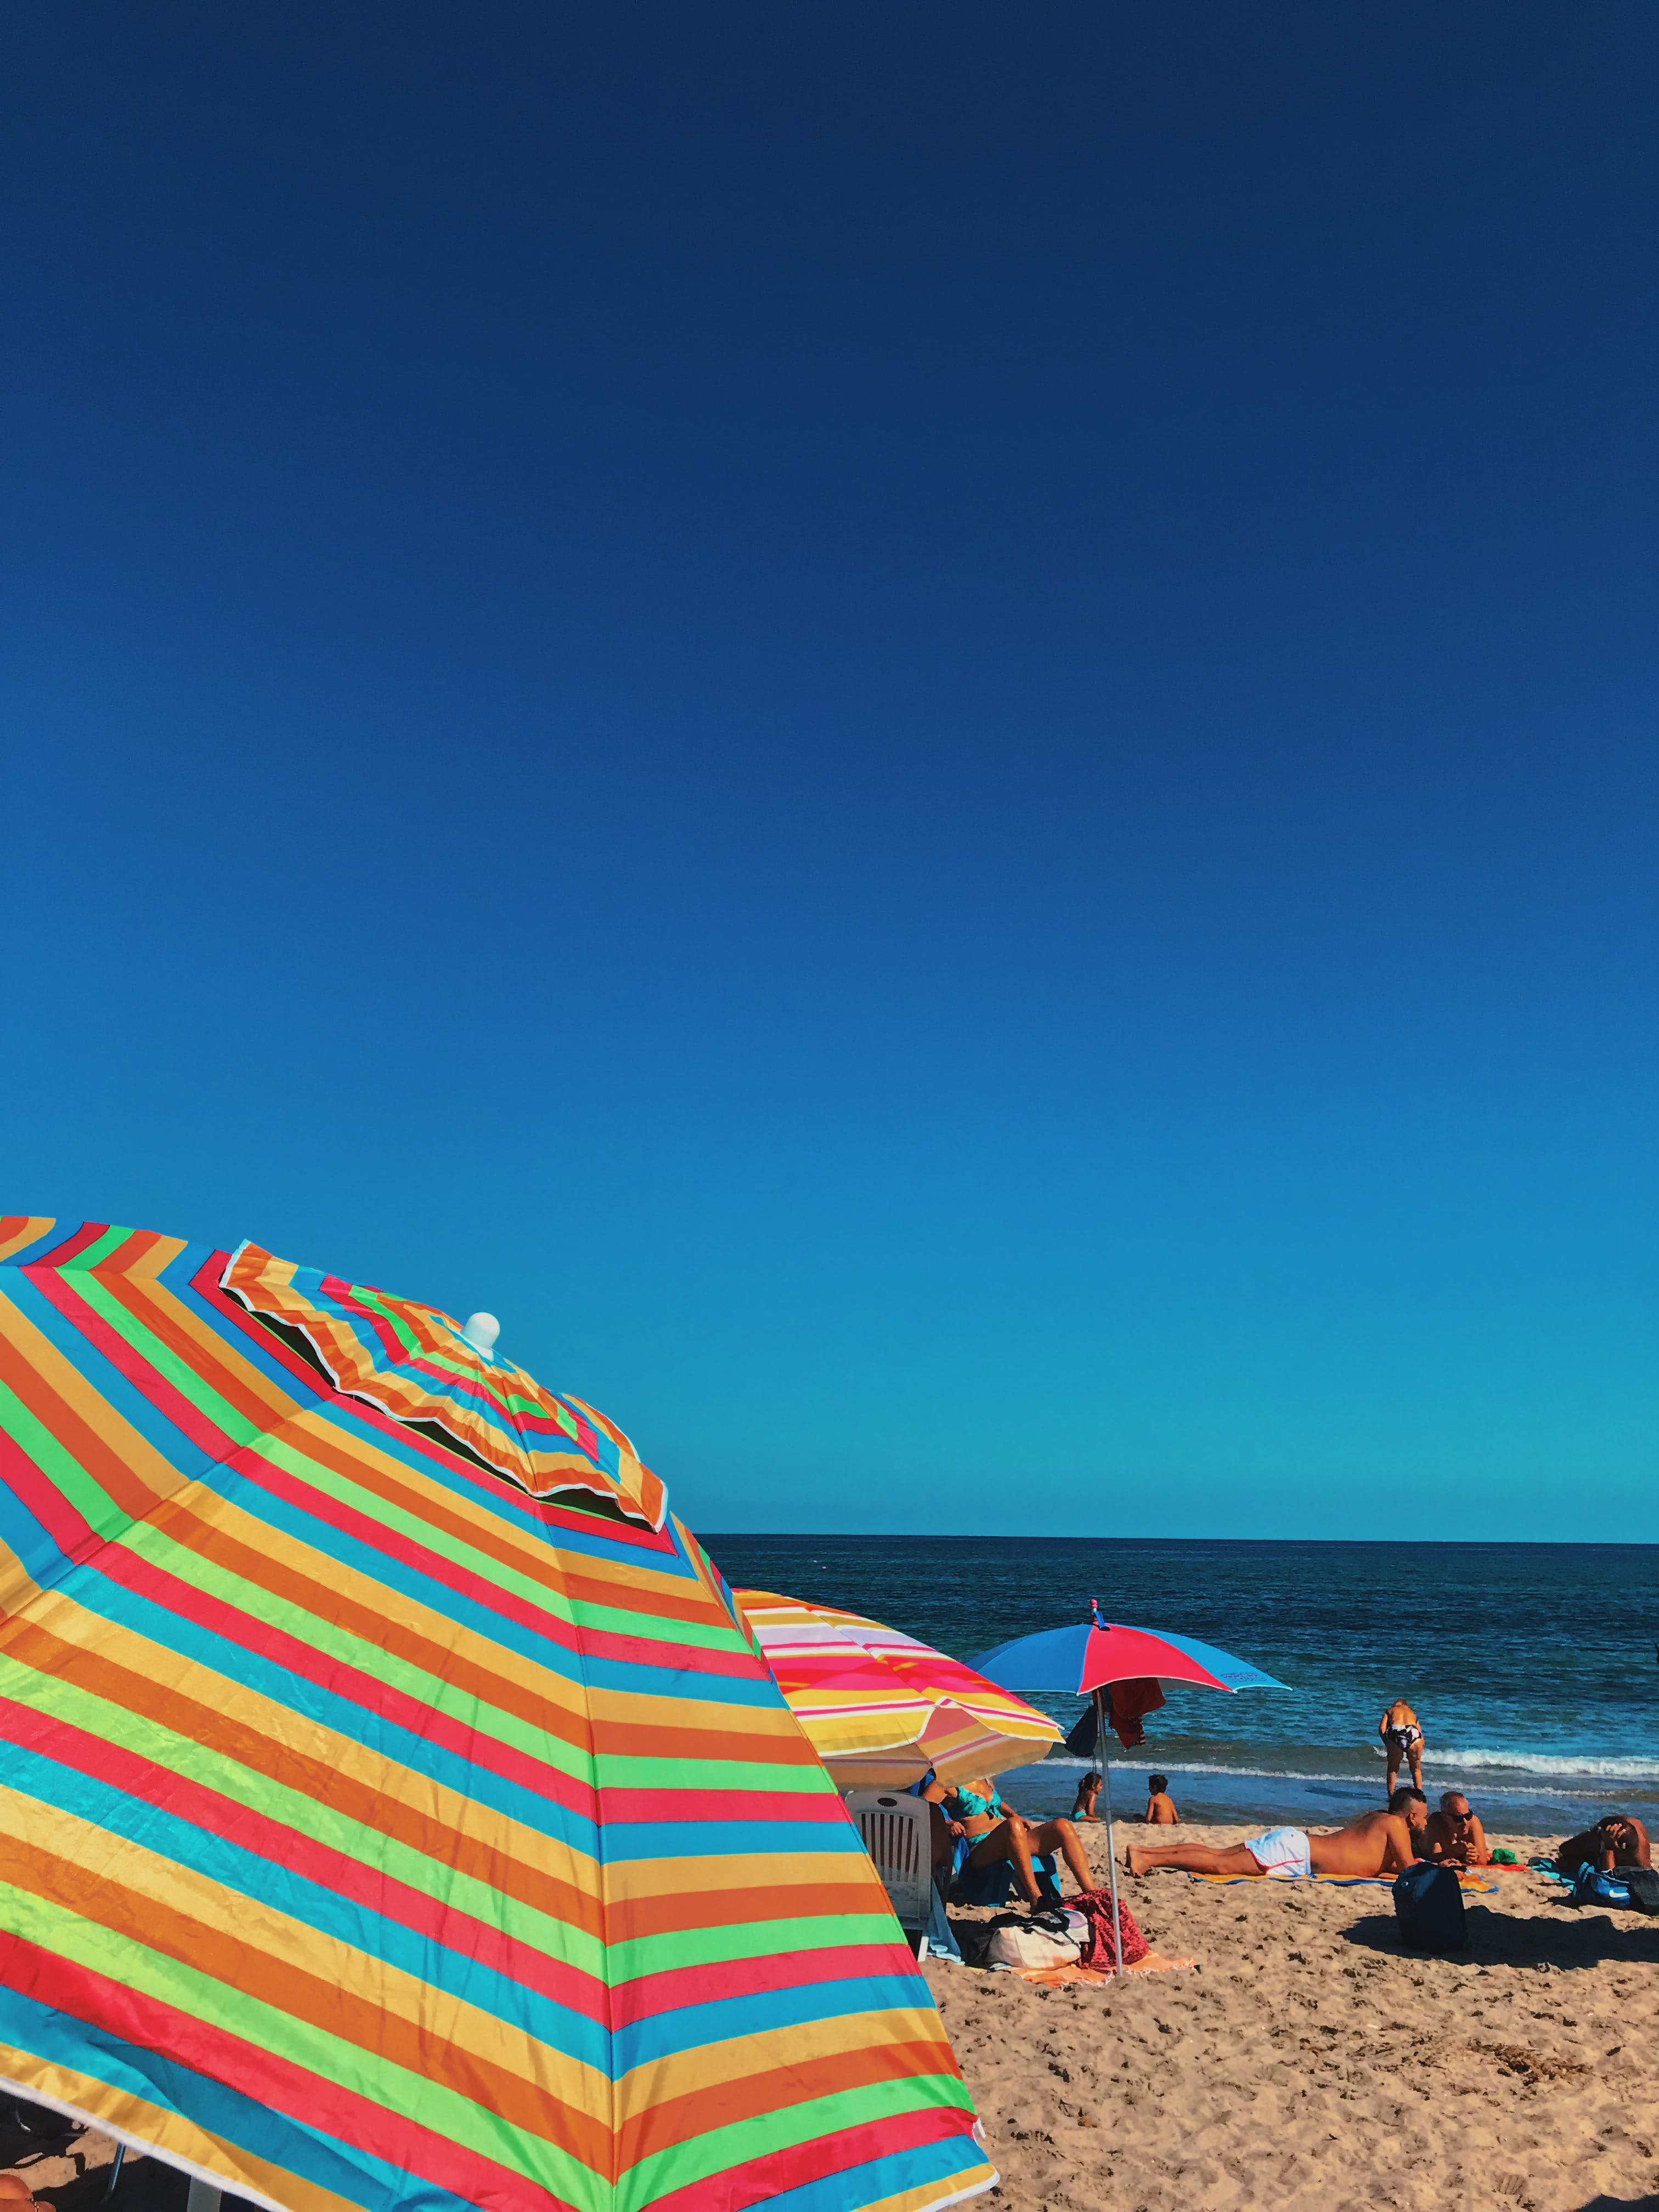 Fotos de stock gratuitas de arena, gente, litoral, luz de día